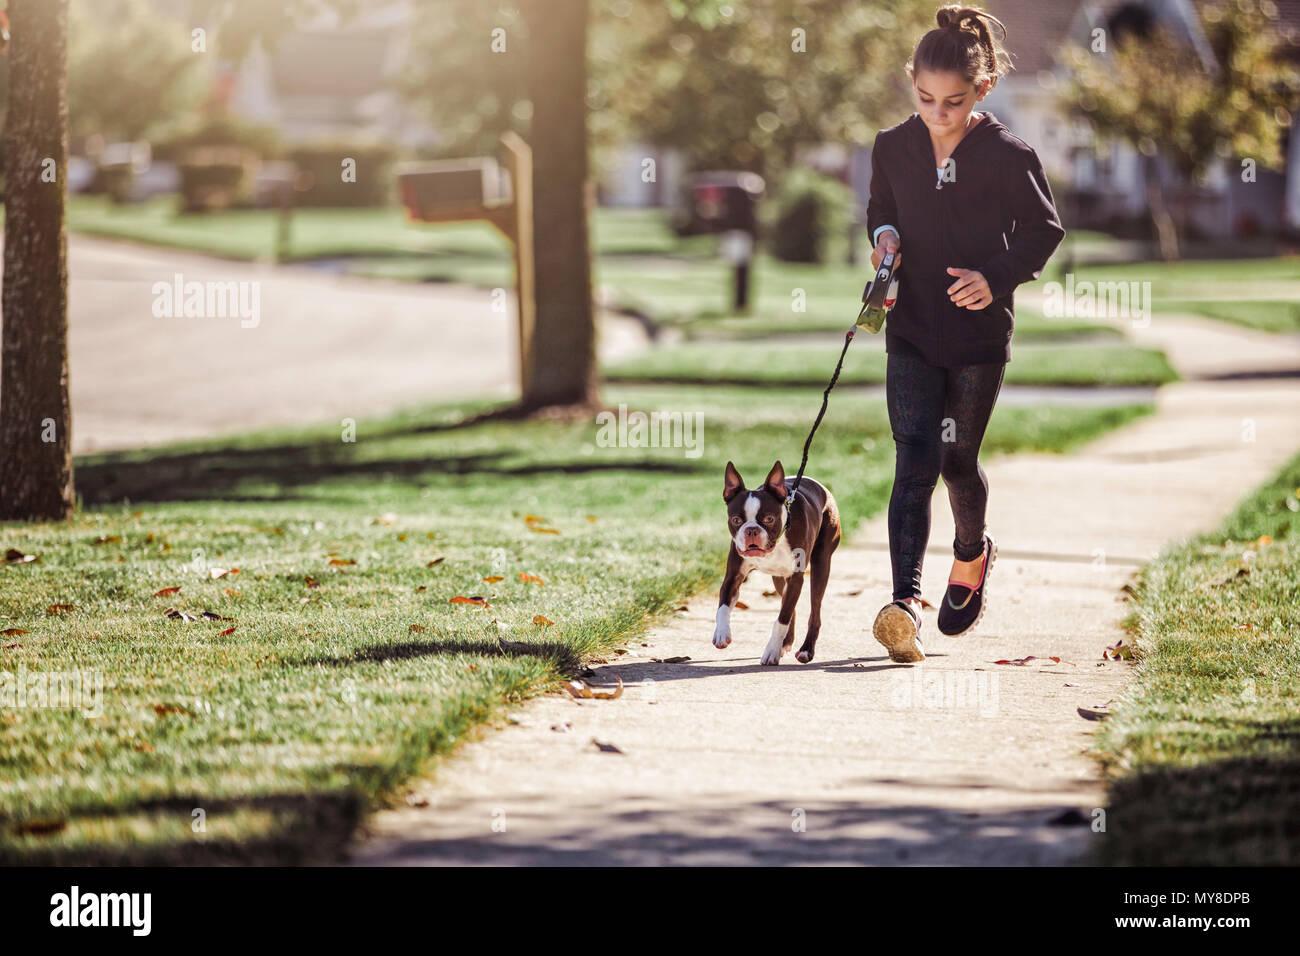 De joven, paseando a un perro a lo largo de vía Foto de stock